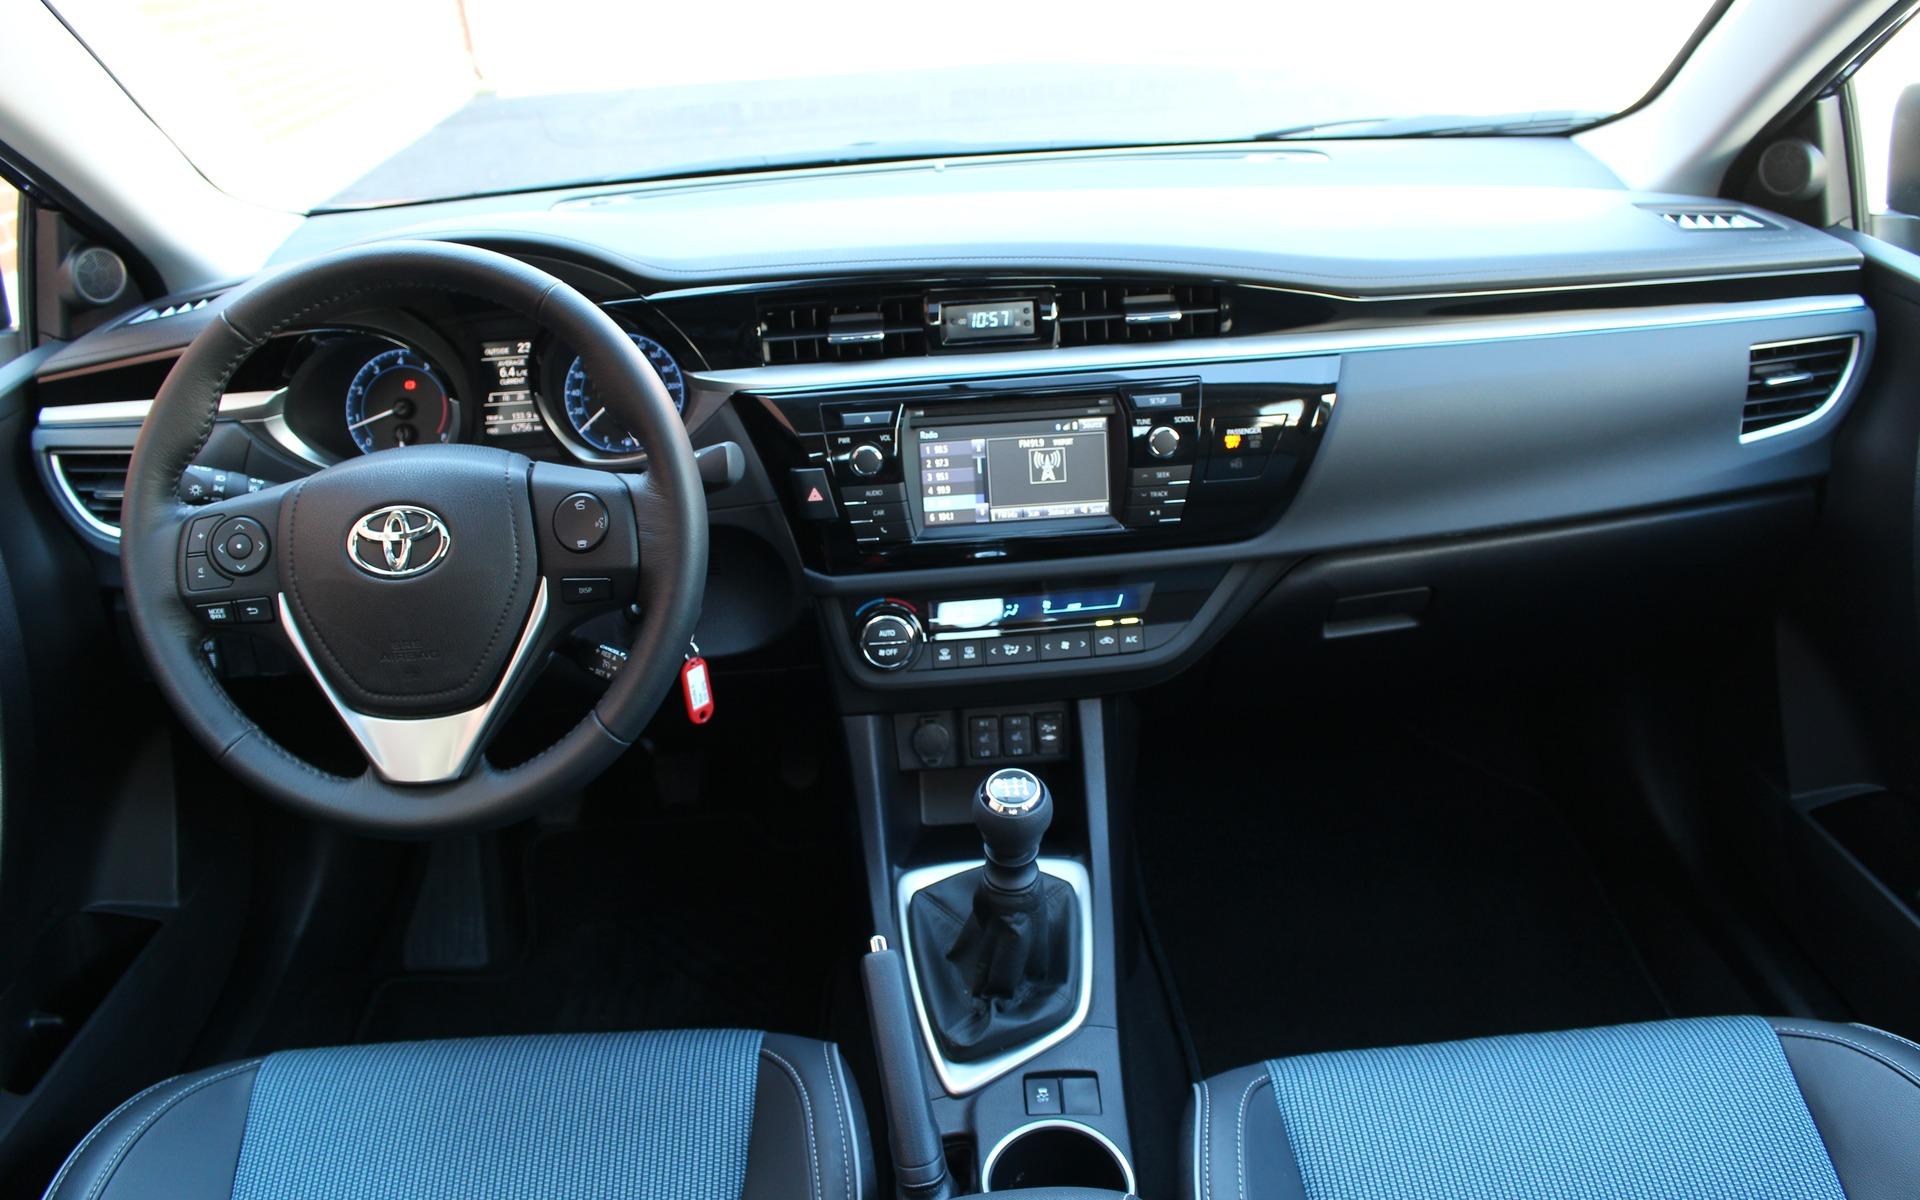 <p>Toyota Corolla S 2016</p>